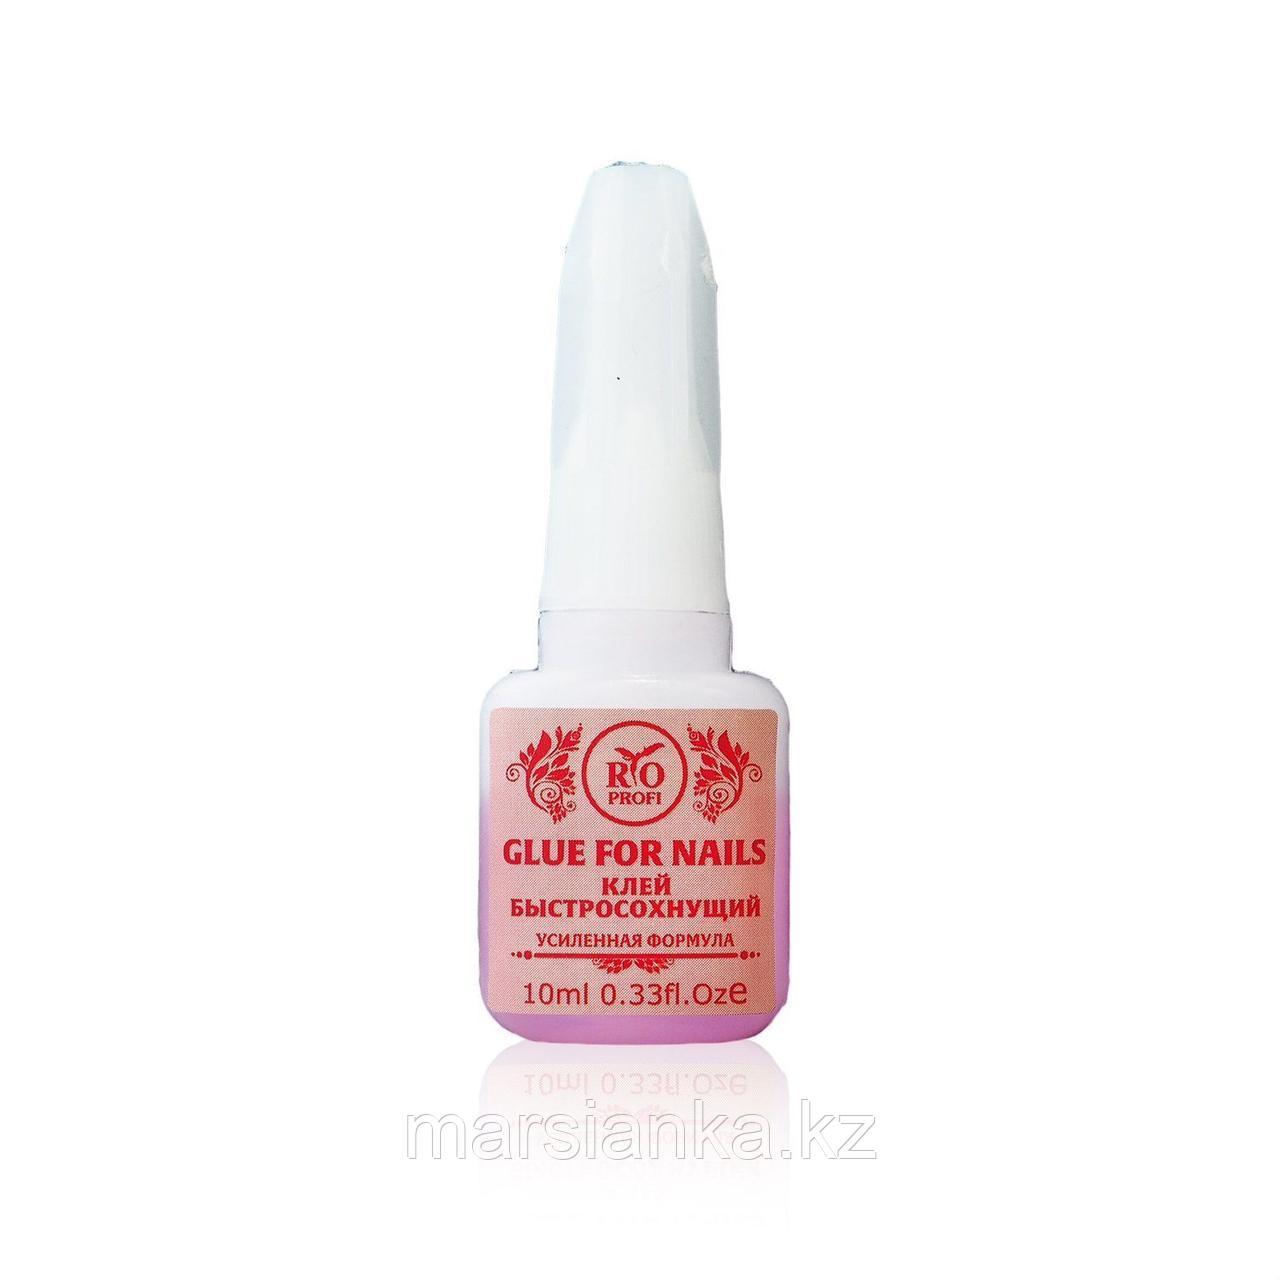 Клей для страз и типс Розовый Усиленная формула Rio Profi, 10 мл